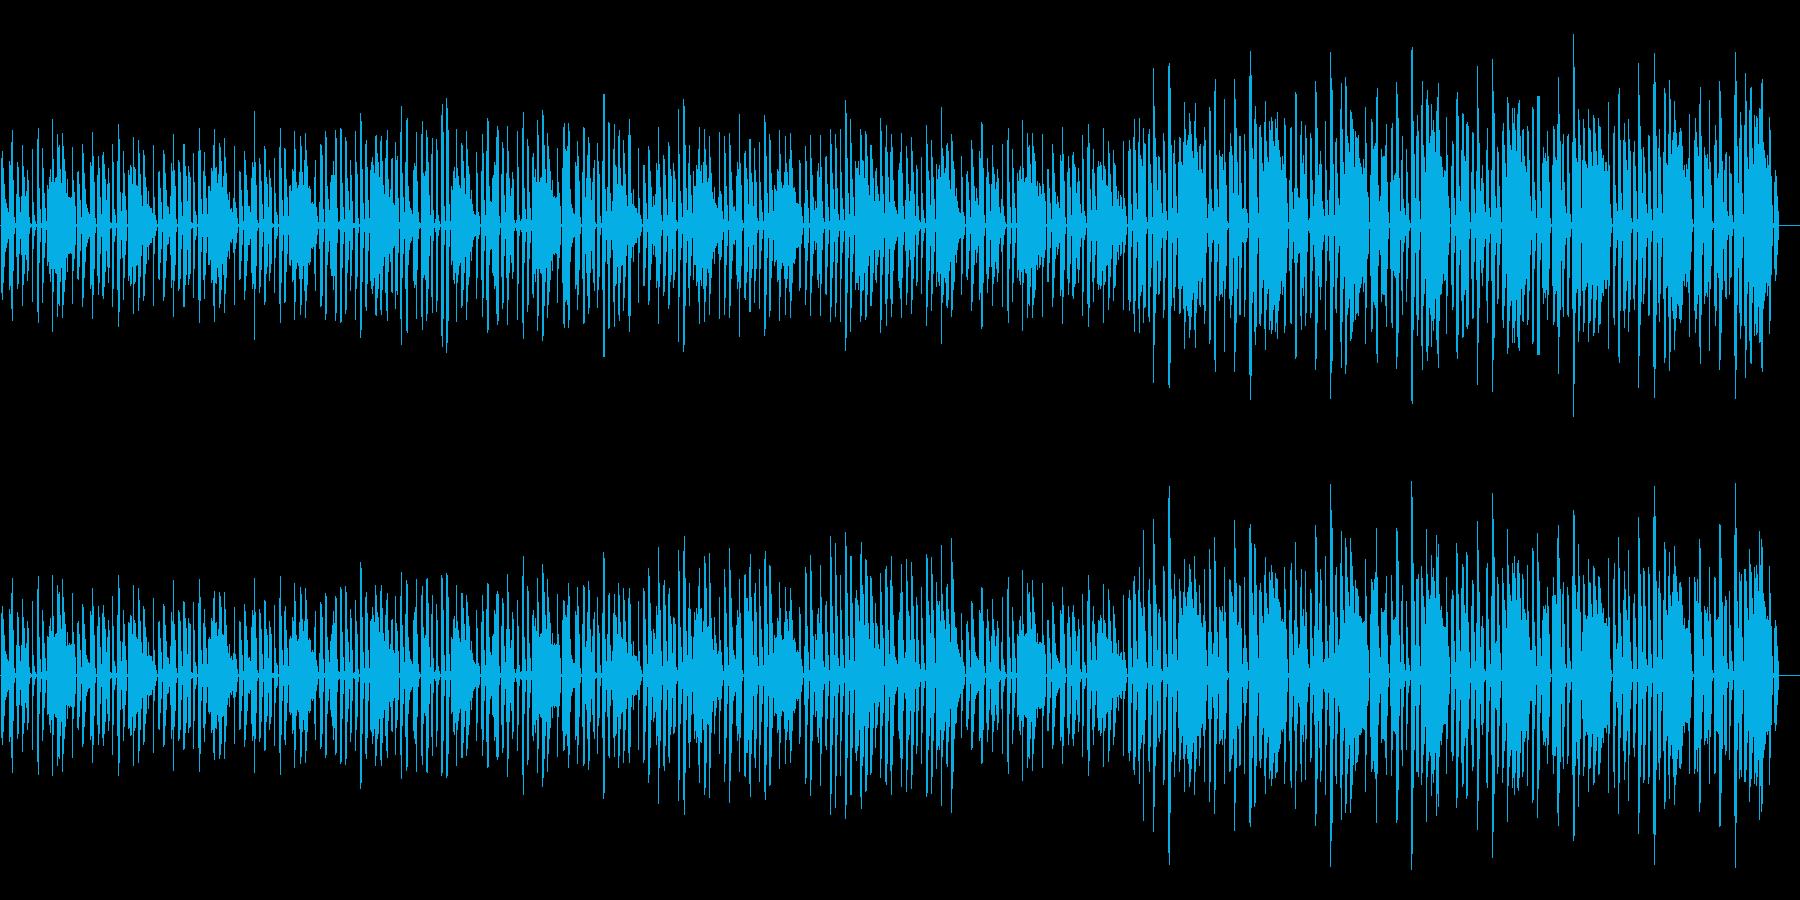 のびのびとした雰囲気のインストの再生済みの波形